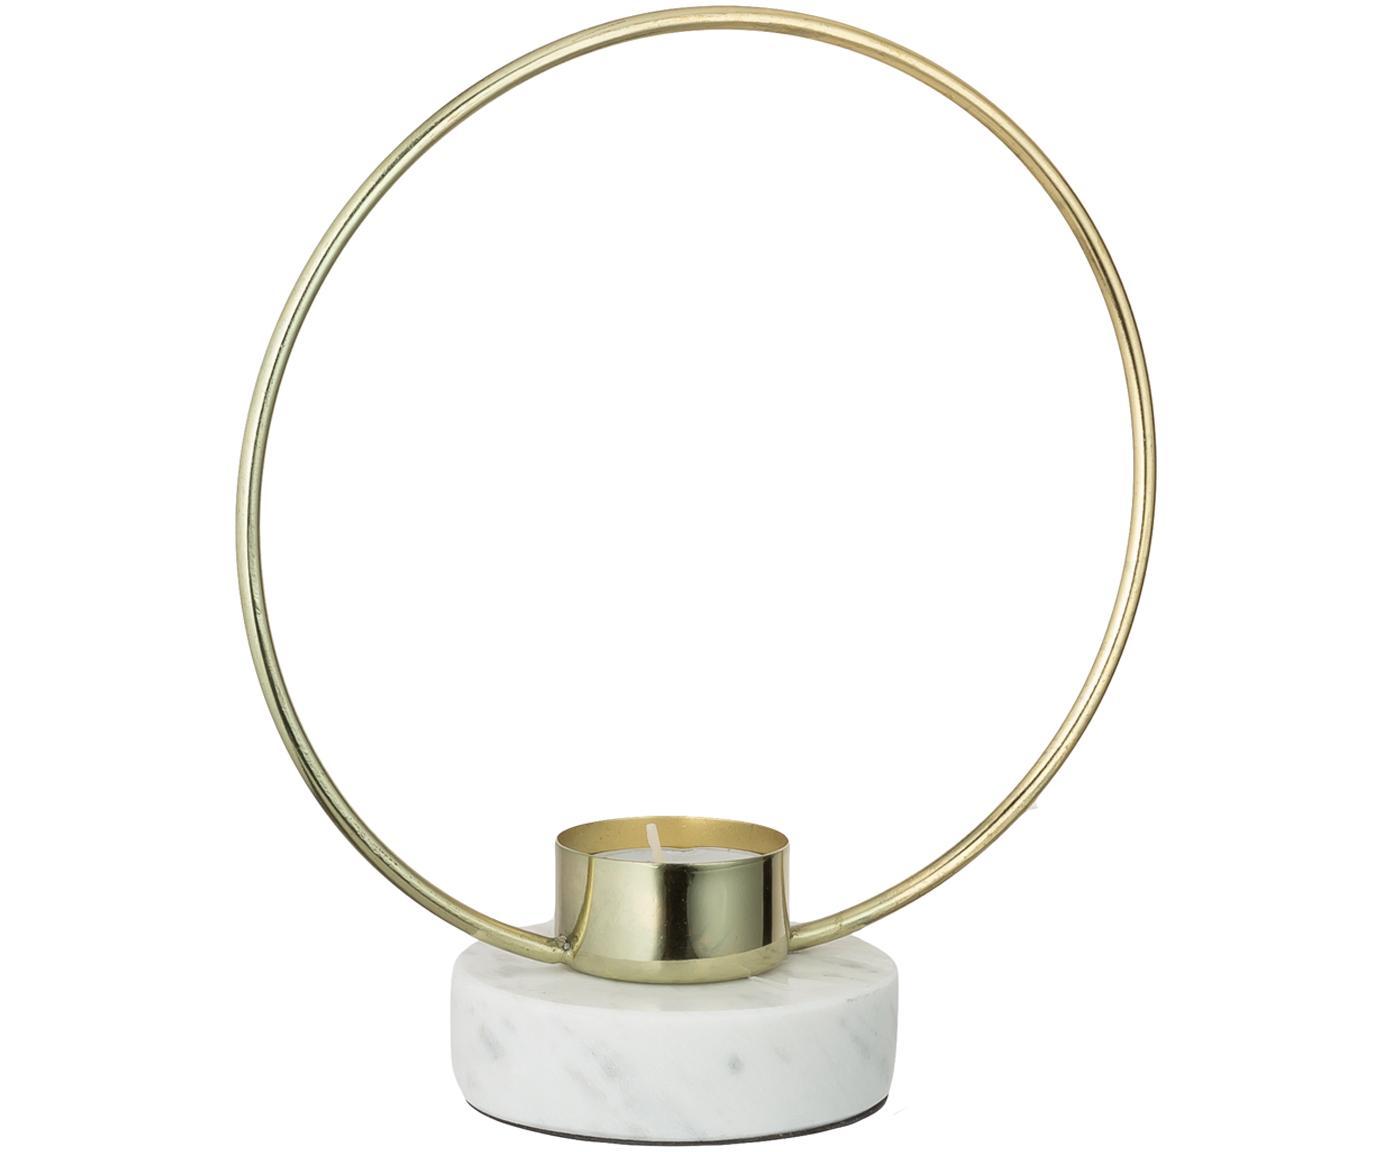 Kandelaar Ring, Voet: marmer, Goudkleurig, wit, 18 x 20 cm